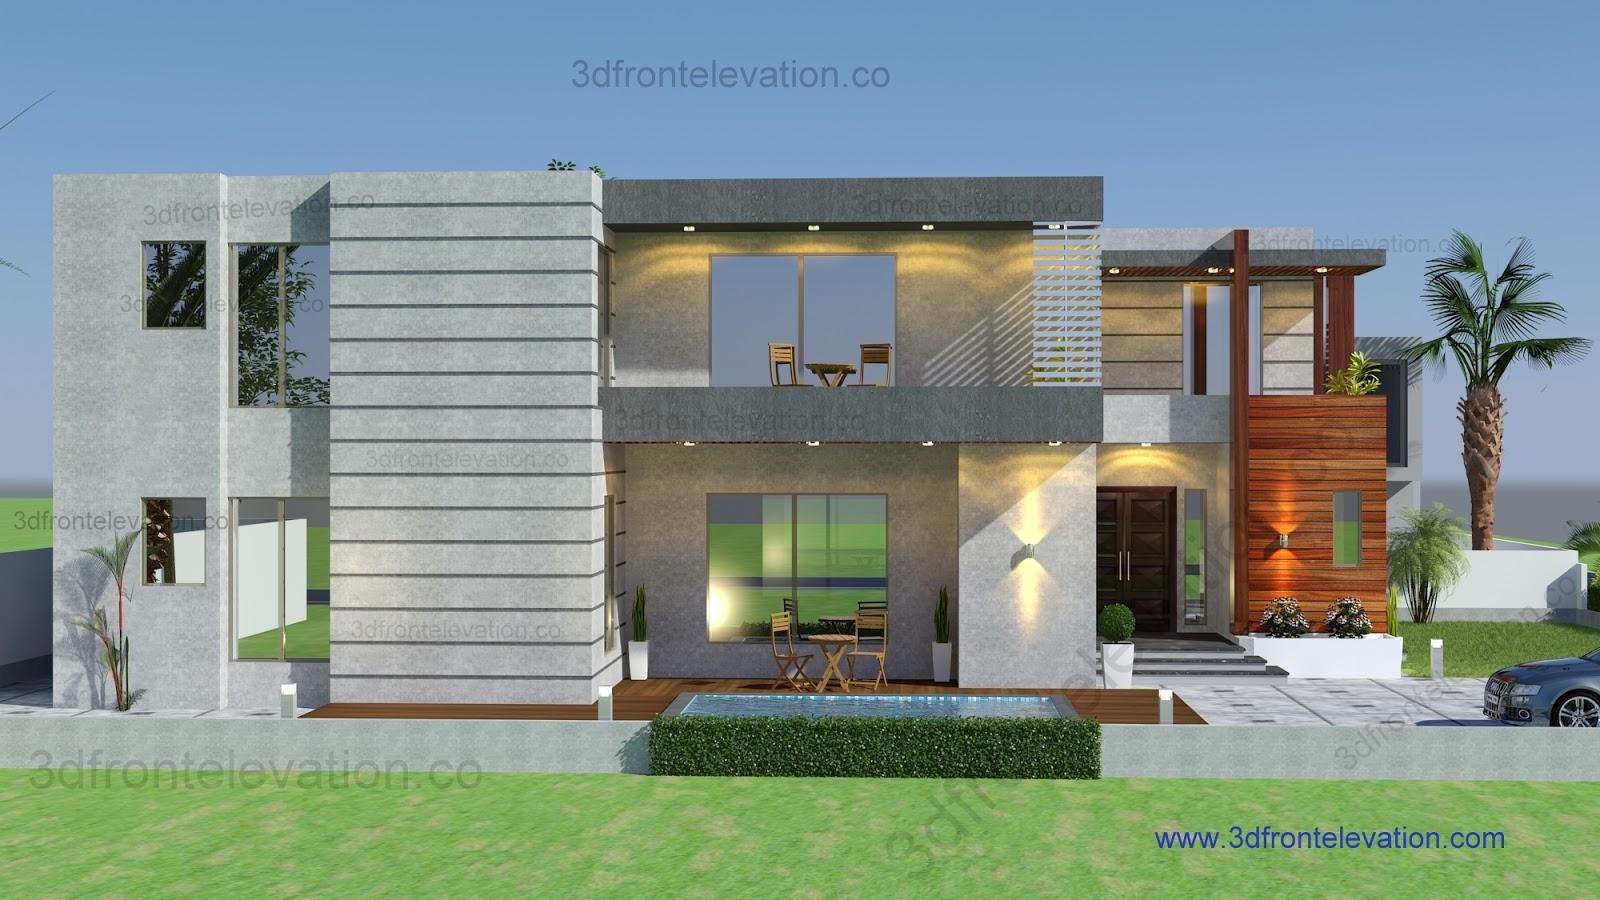 D Front Elevation Maker : D front elevation best housing designs of